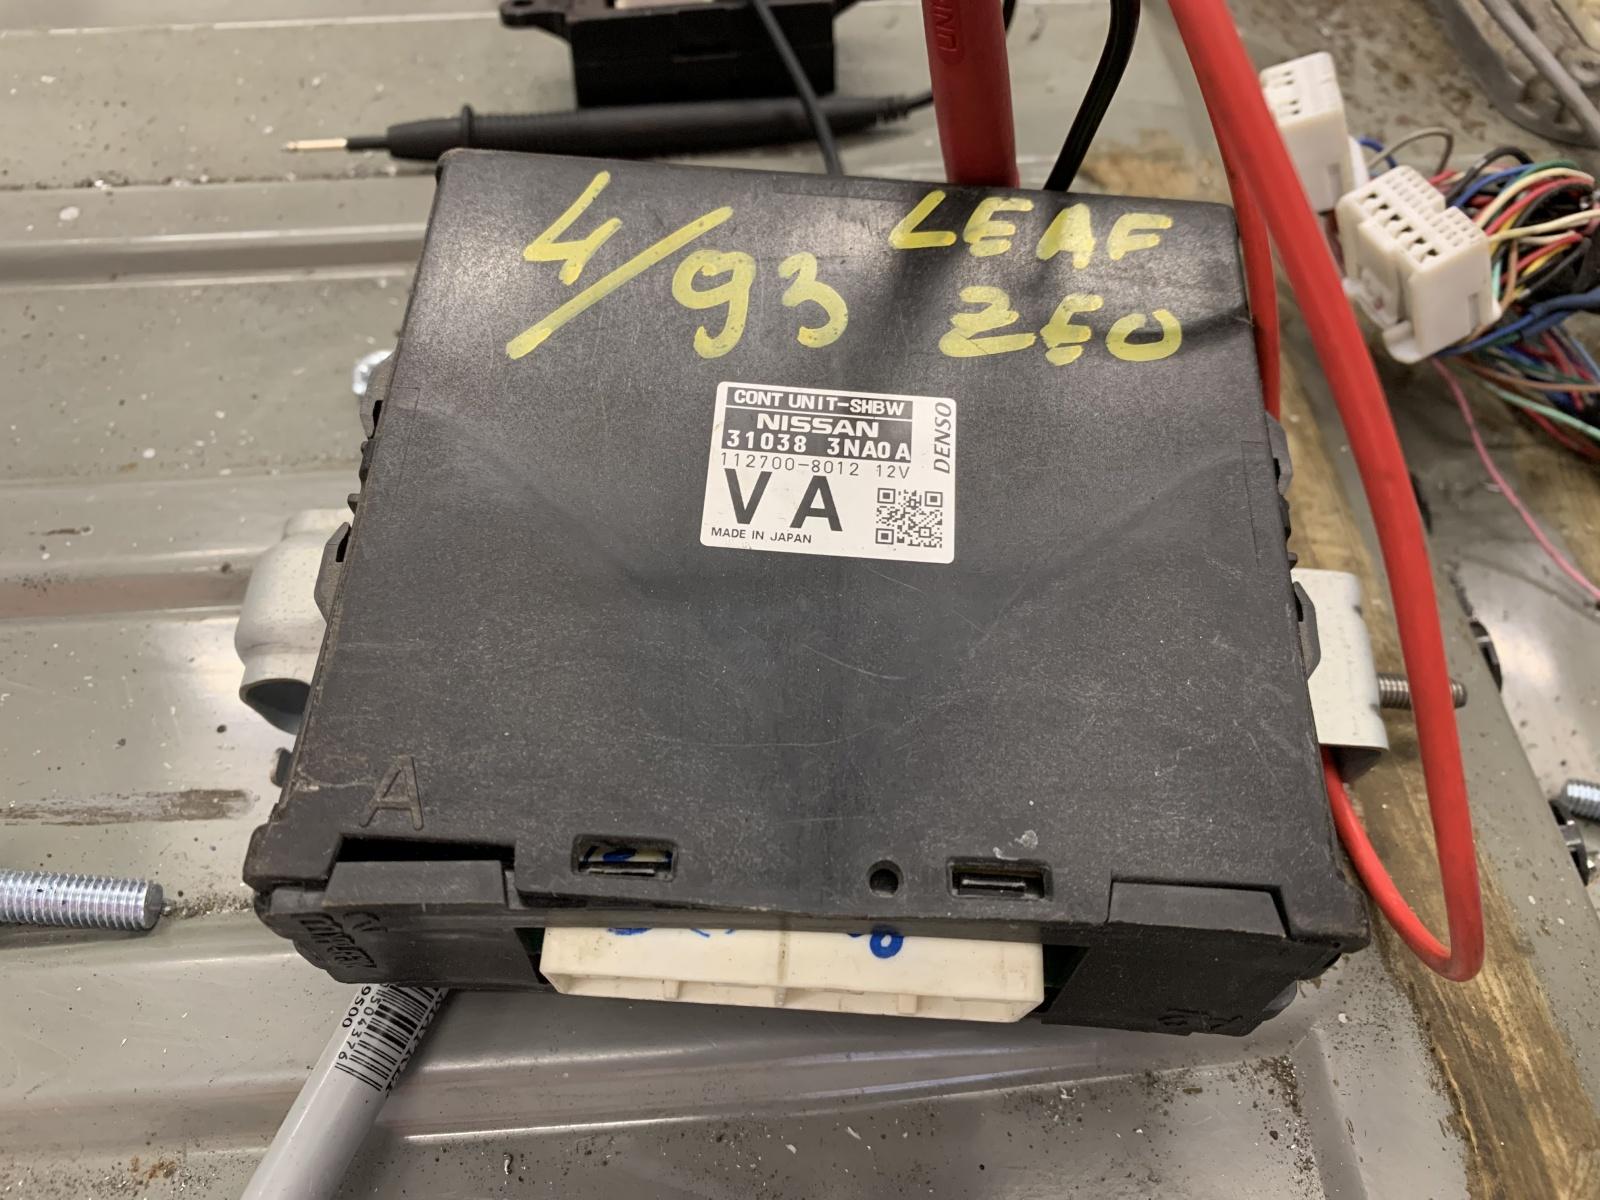 Как сделать самодельный электрический багги с мощным мотором. Часть 3. Тормоза, охлаждение, сидения, селектор, улица - 5